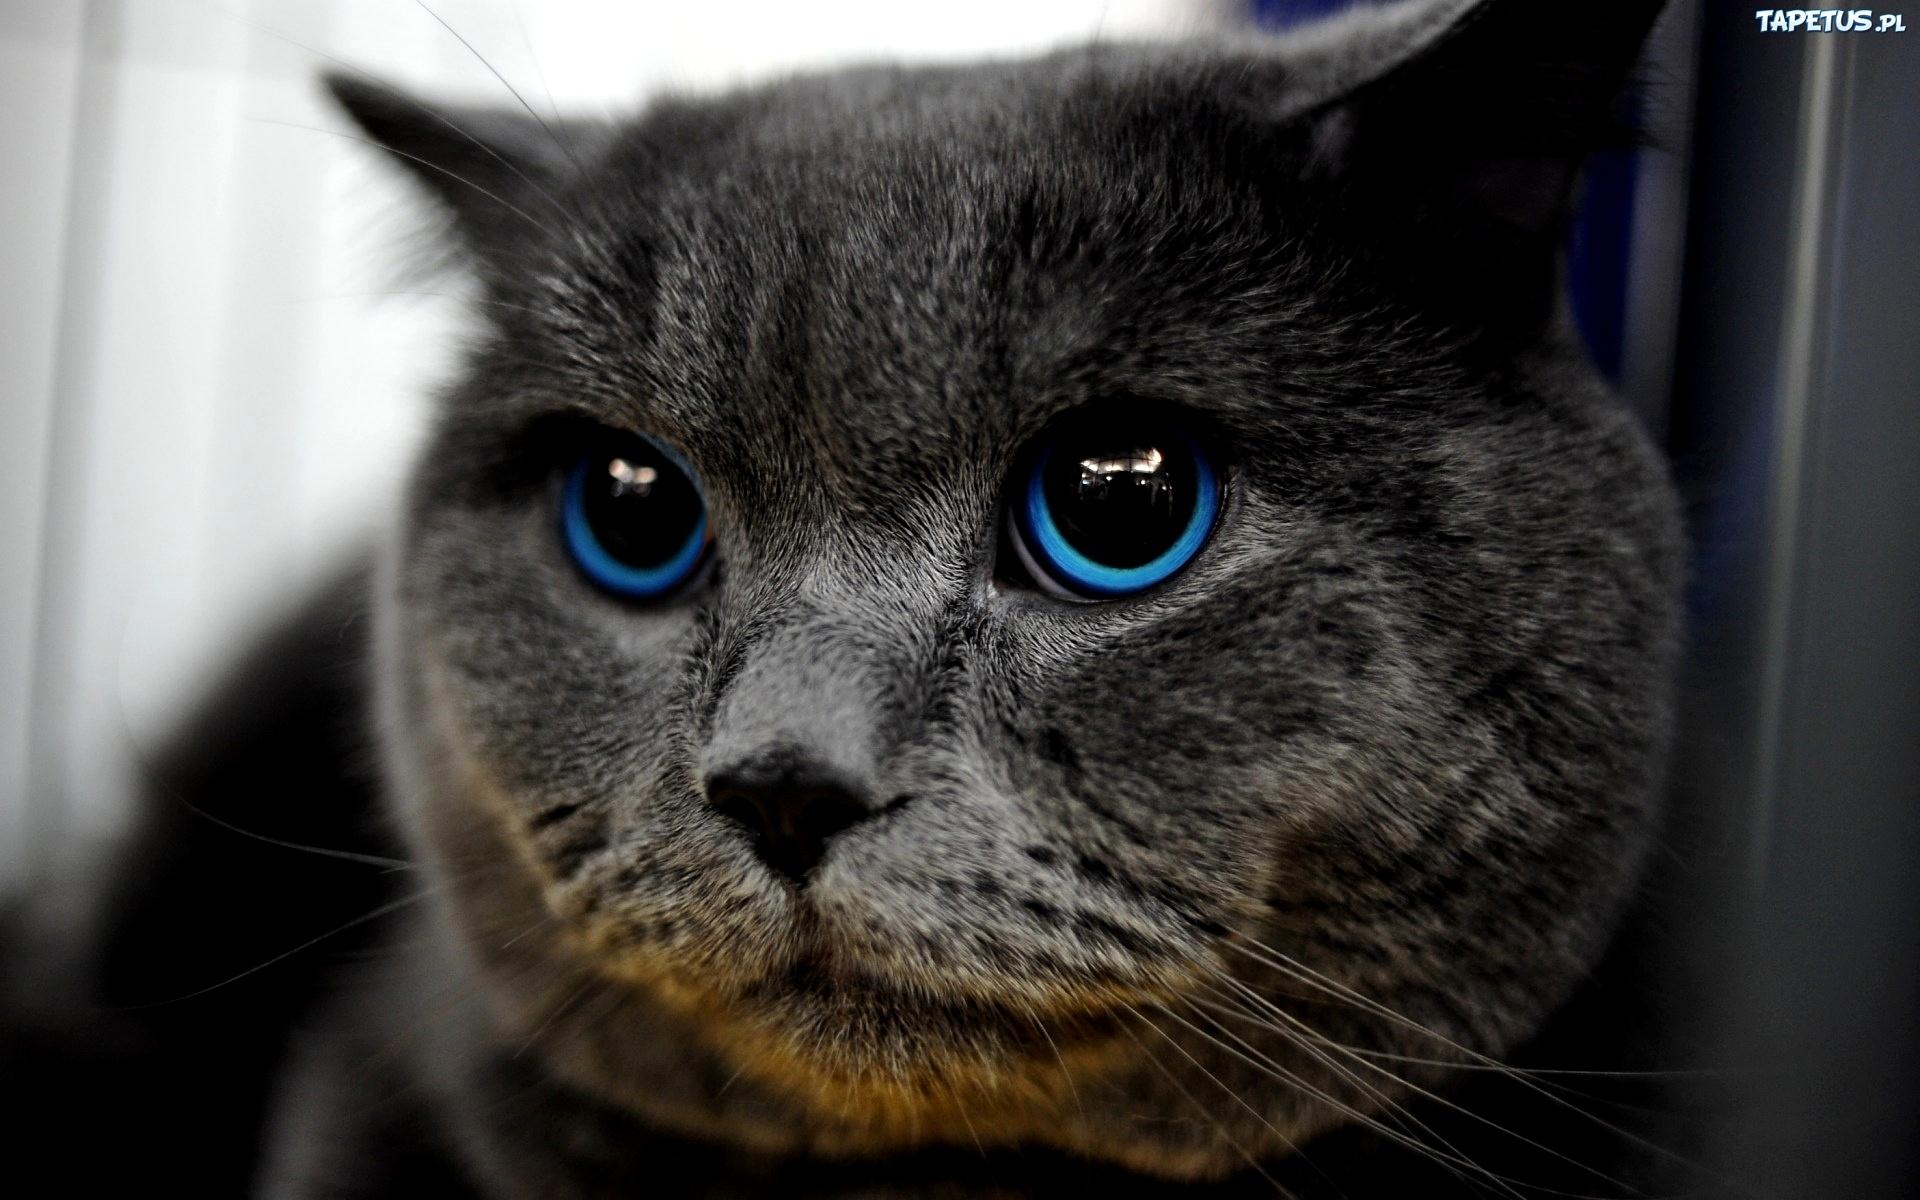 Kot Z Niebieskimi Oczami Jsb62 Usafrica